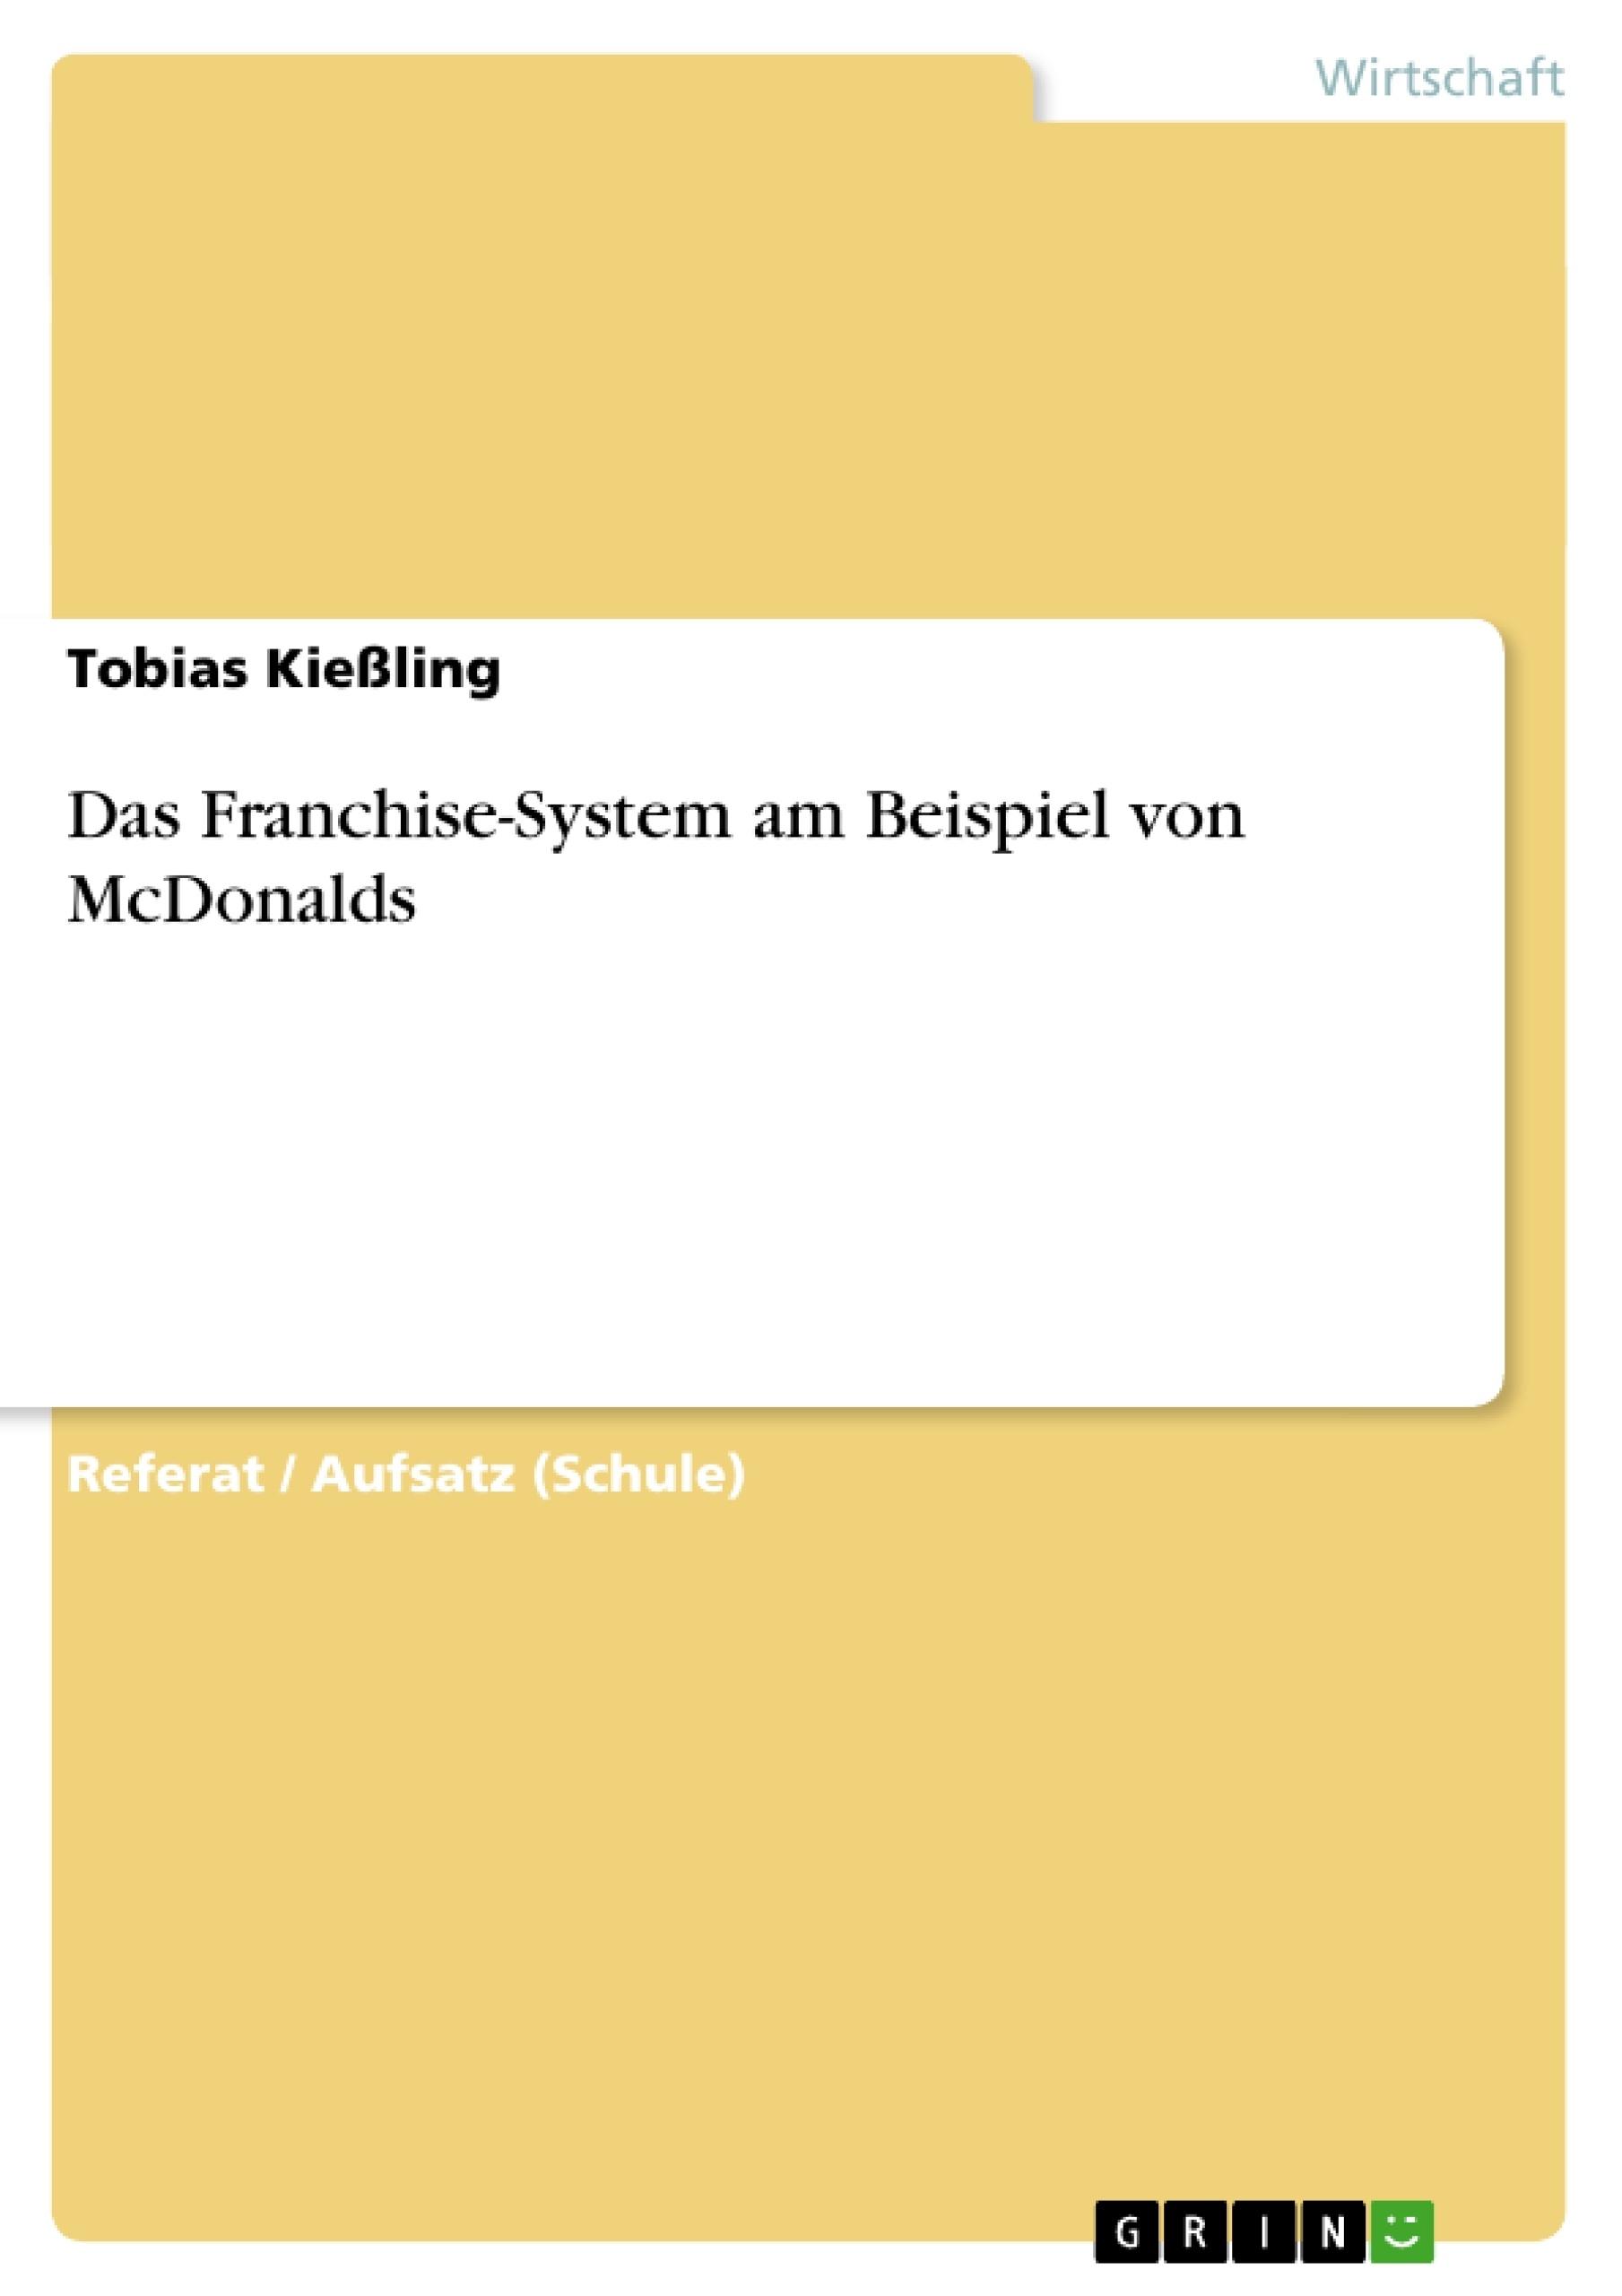 Titel: Das Franchise-System am Beispiel von McDonalds